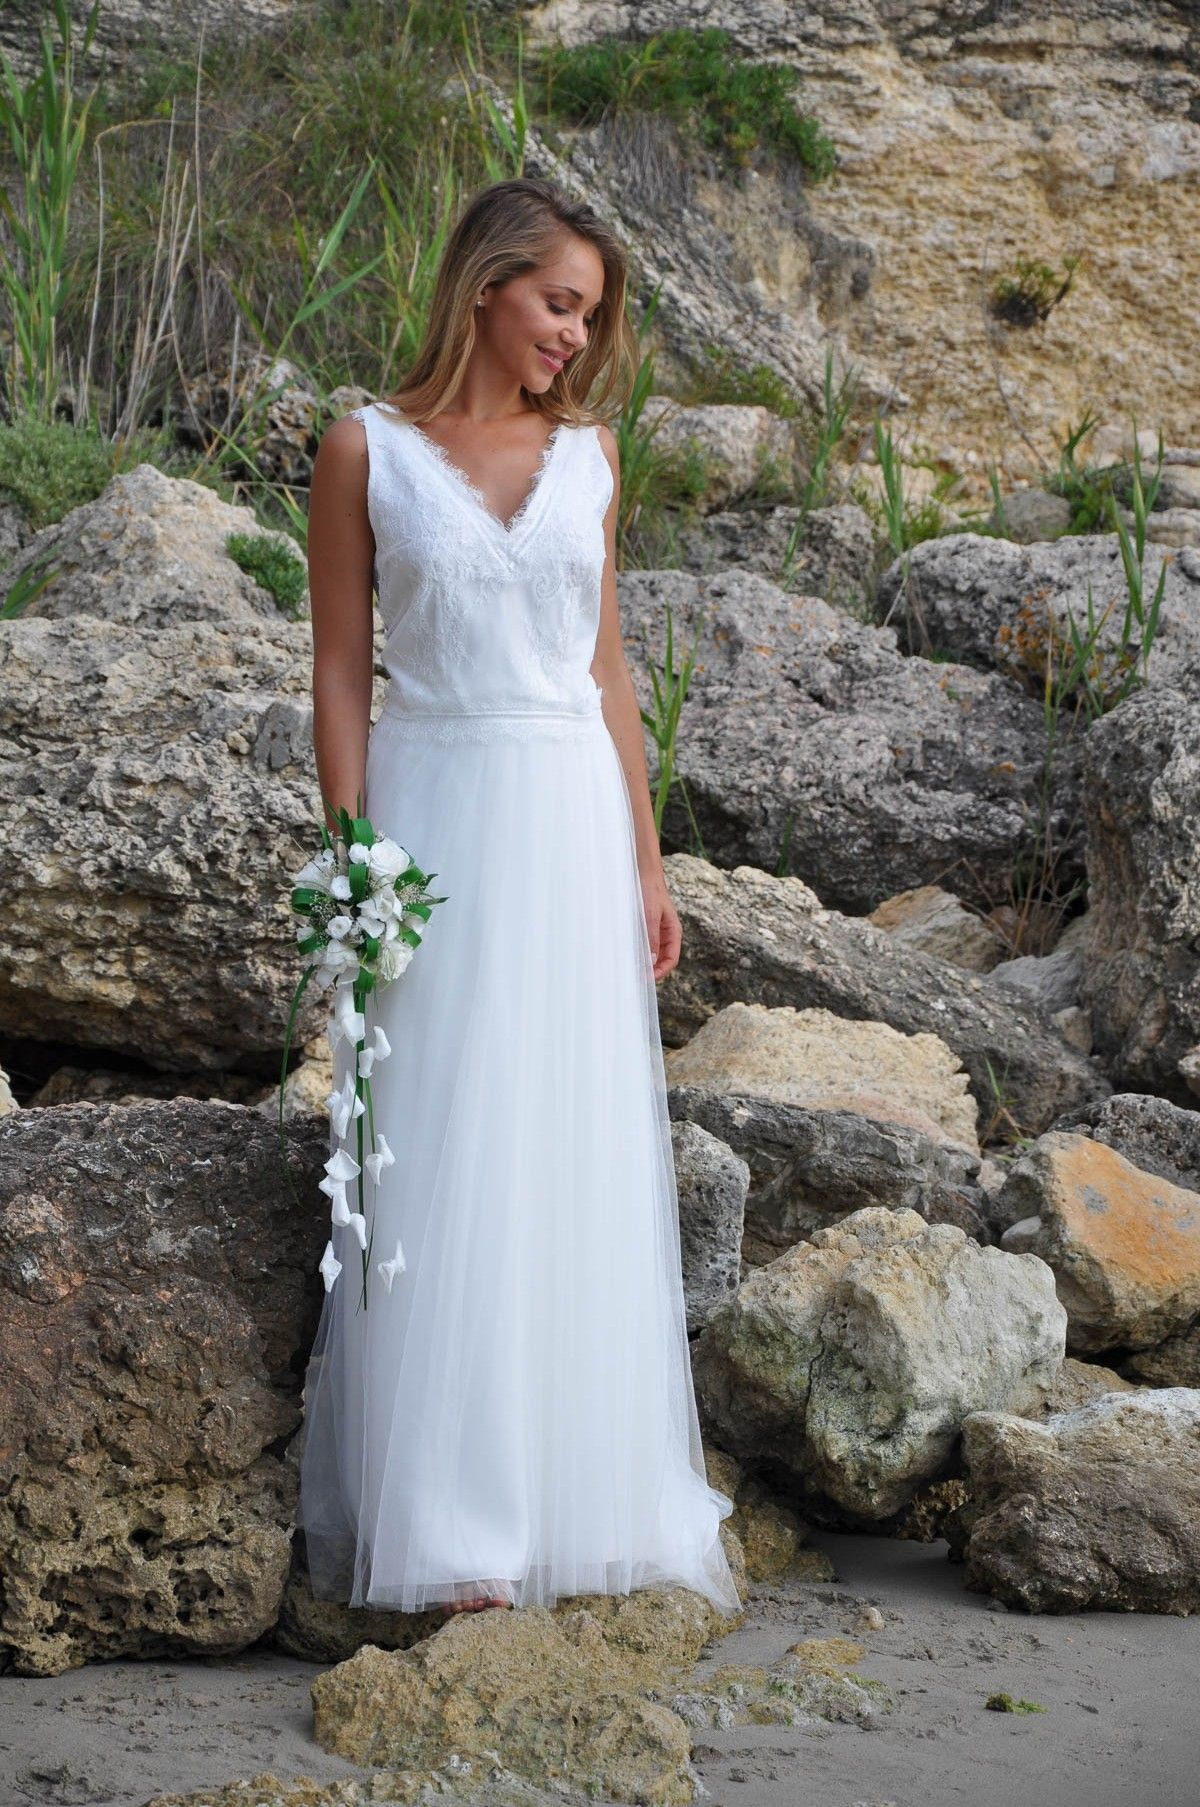 Modèle Zelia Pour Un Mariage Romantique Mariage Bohème Une Robe De Mariée 2 Pièces Avec Une Jupe Robe De Mariee Champetre Robe Mariee Boheme Robe De Mariage